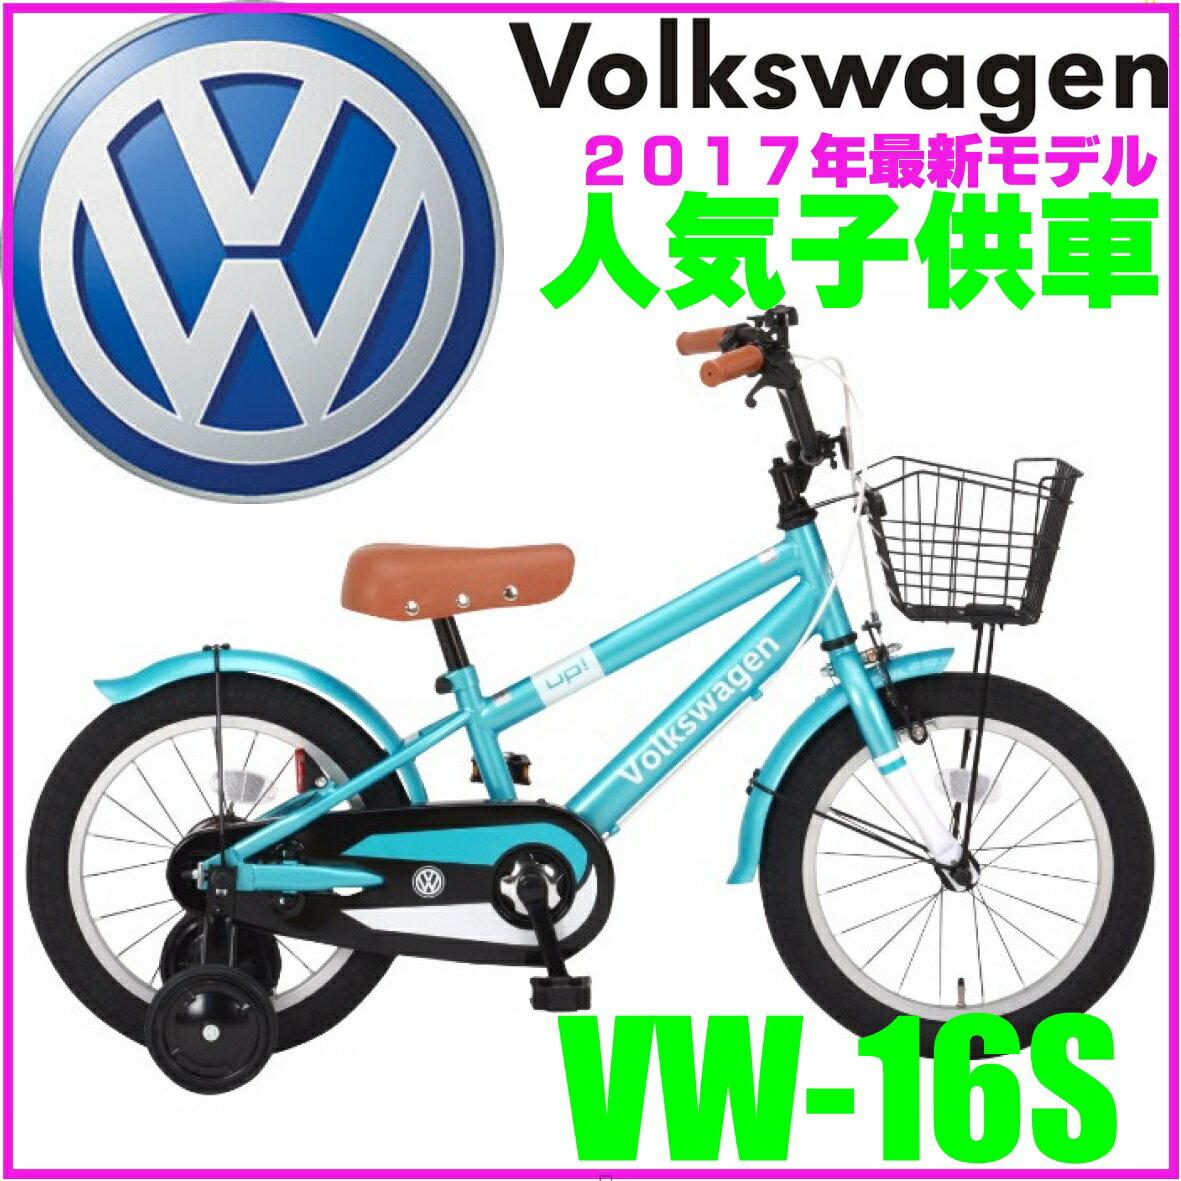 【送料無料 フォルクスワーゲン 自転車 子供用 Volkswagen 自転車】 自転車  アクア ブルー 【16インチ 自転車 補助輪付き】フォルクスワーゲン VW-16S up! 子ども車 アップ クリスマス